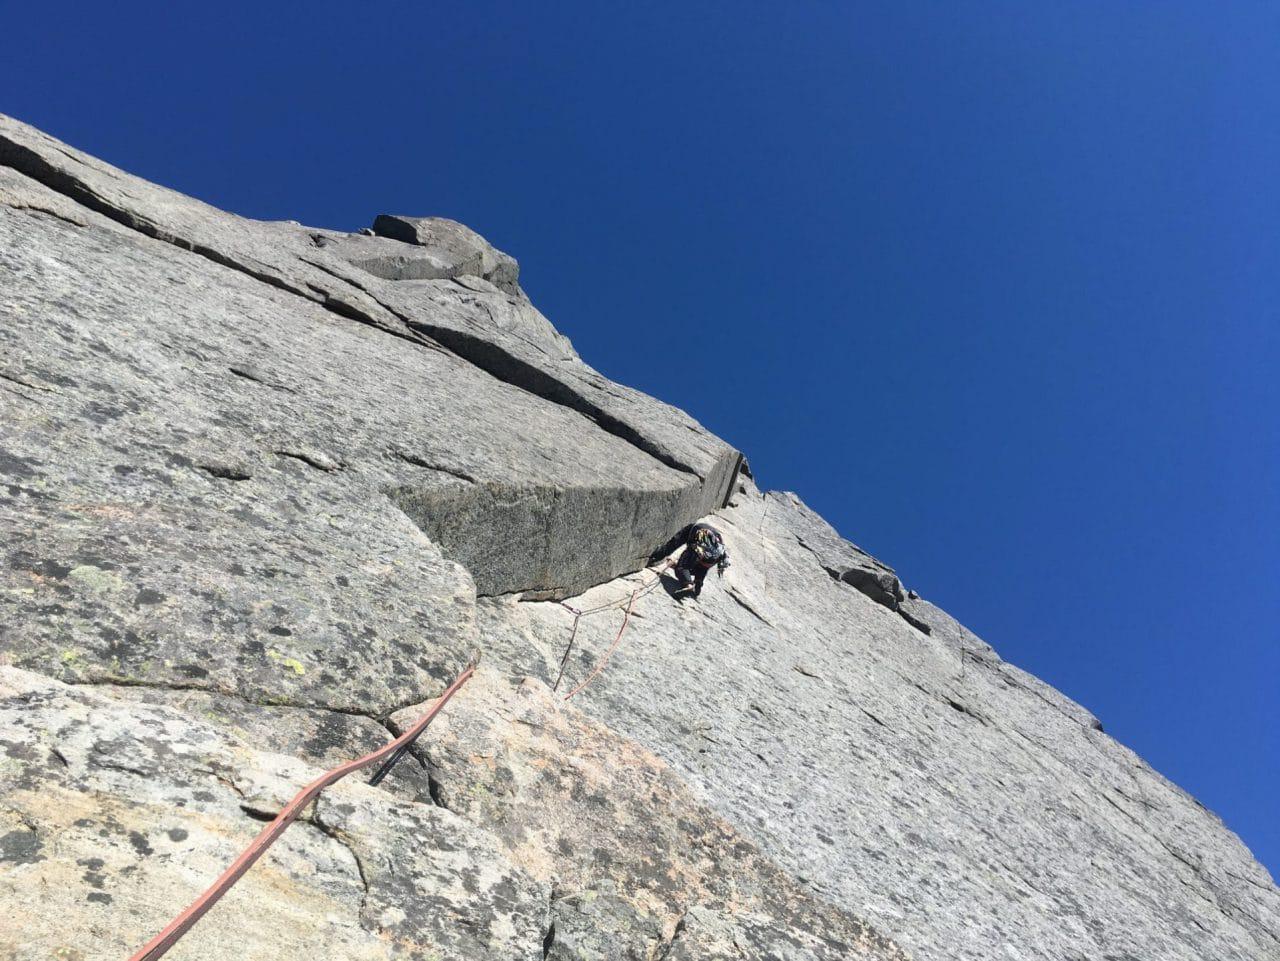 lofoten-norvege-escalade-voyage-helyum-yann-nussbaumer-2